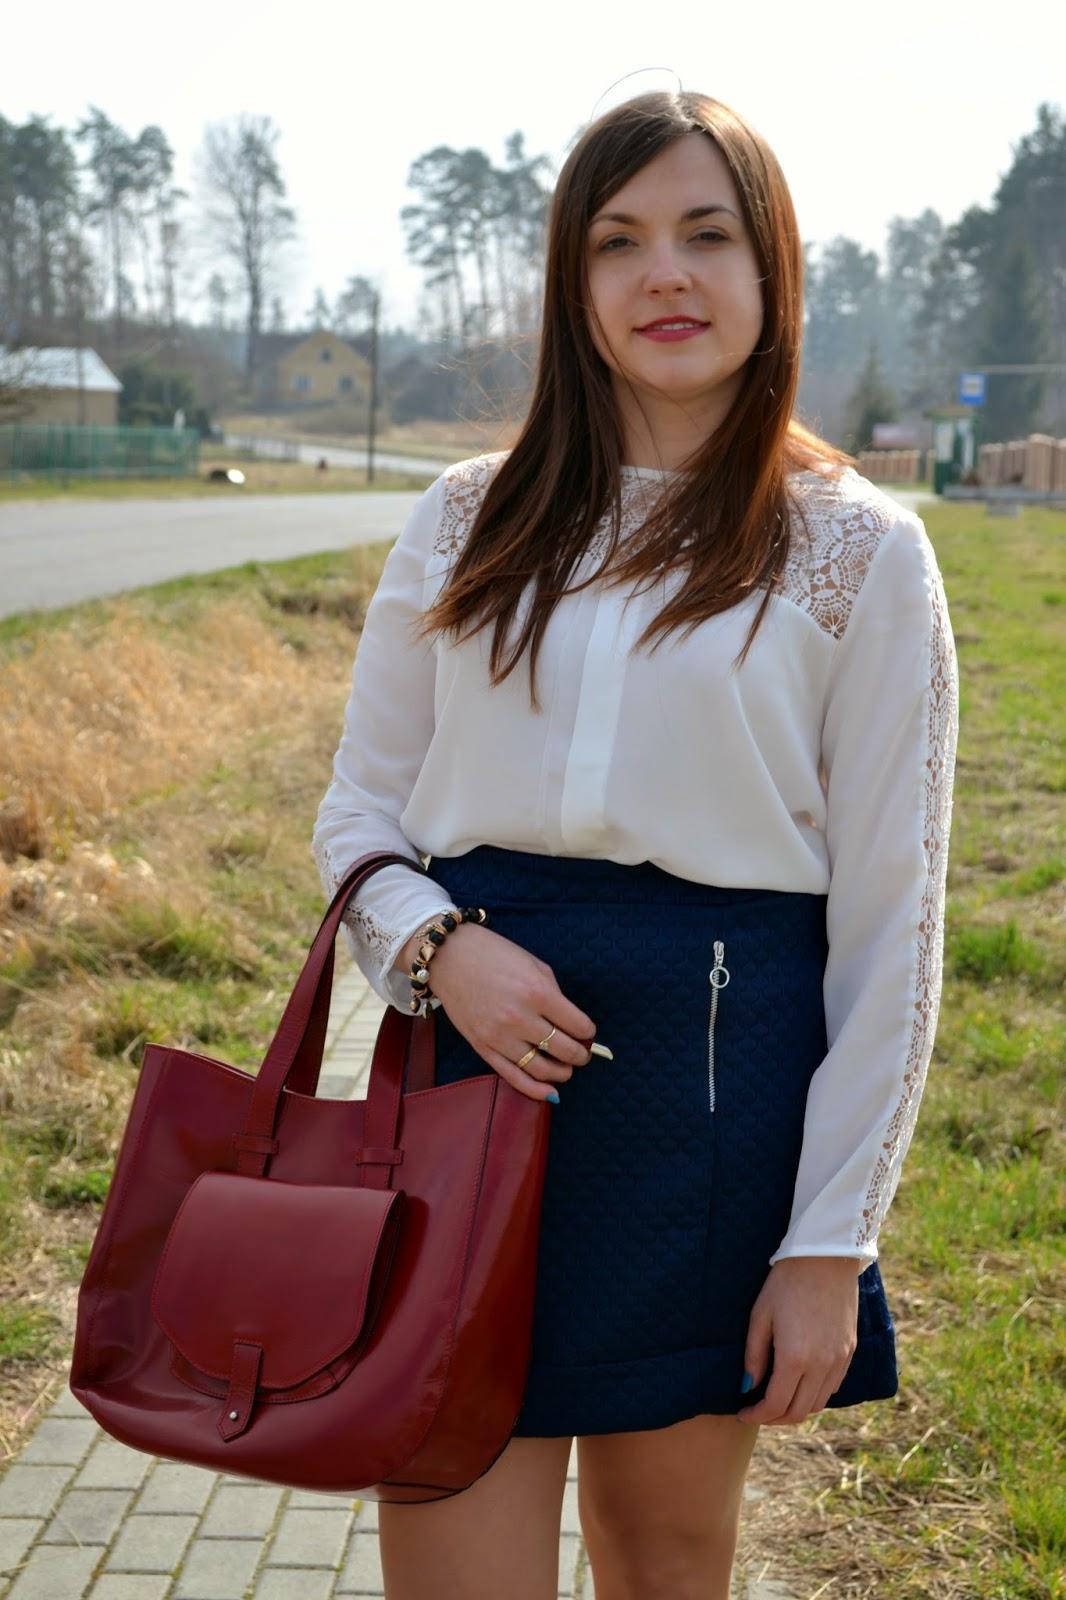 koronkowa bluzka, bluzka z koronką, romantyczny zestaw, pikowana spódnica, granatowa spódnica, czerwona torebka, granat z czerwienią, red bag, wiosna, trendy moda 2015